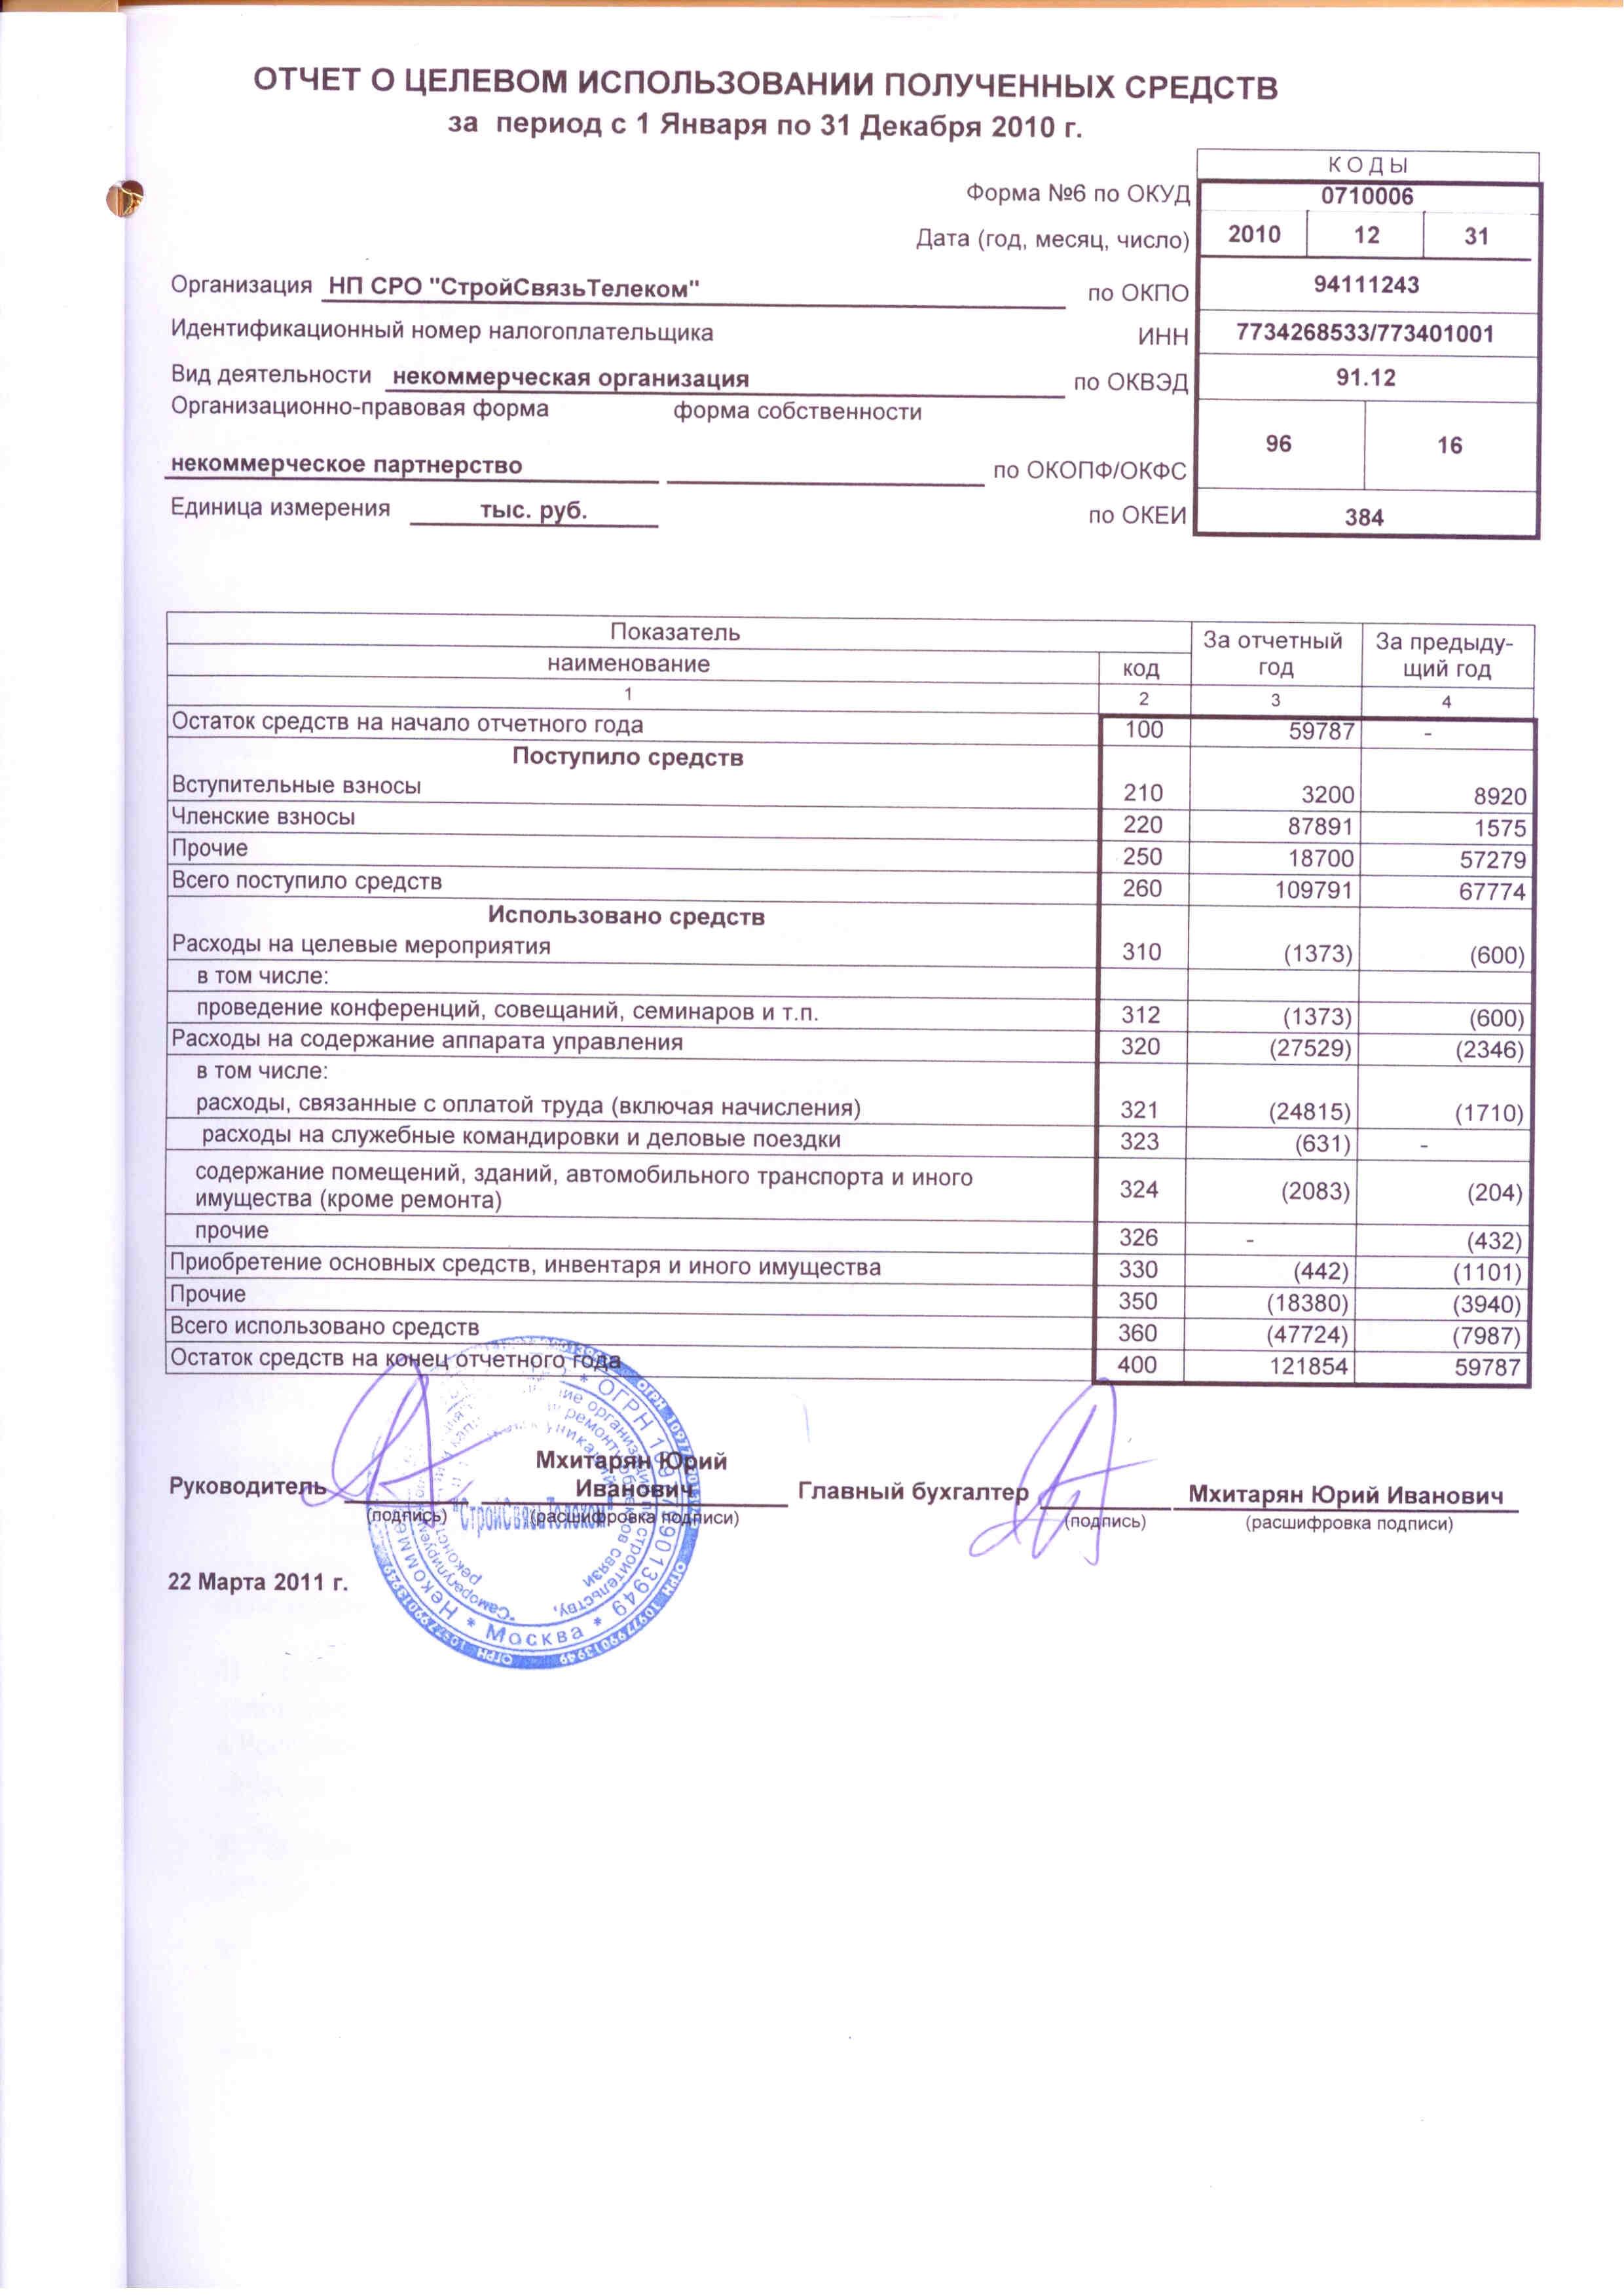 бланк годовой бухгалтерской отчетности 2011